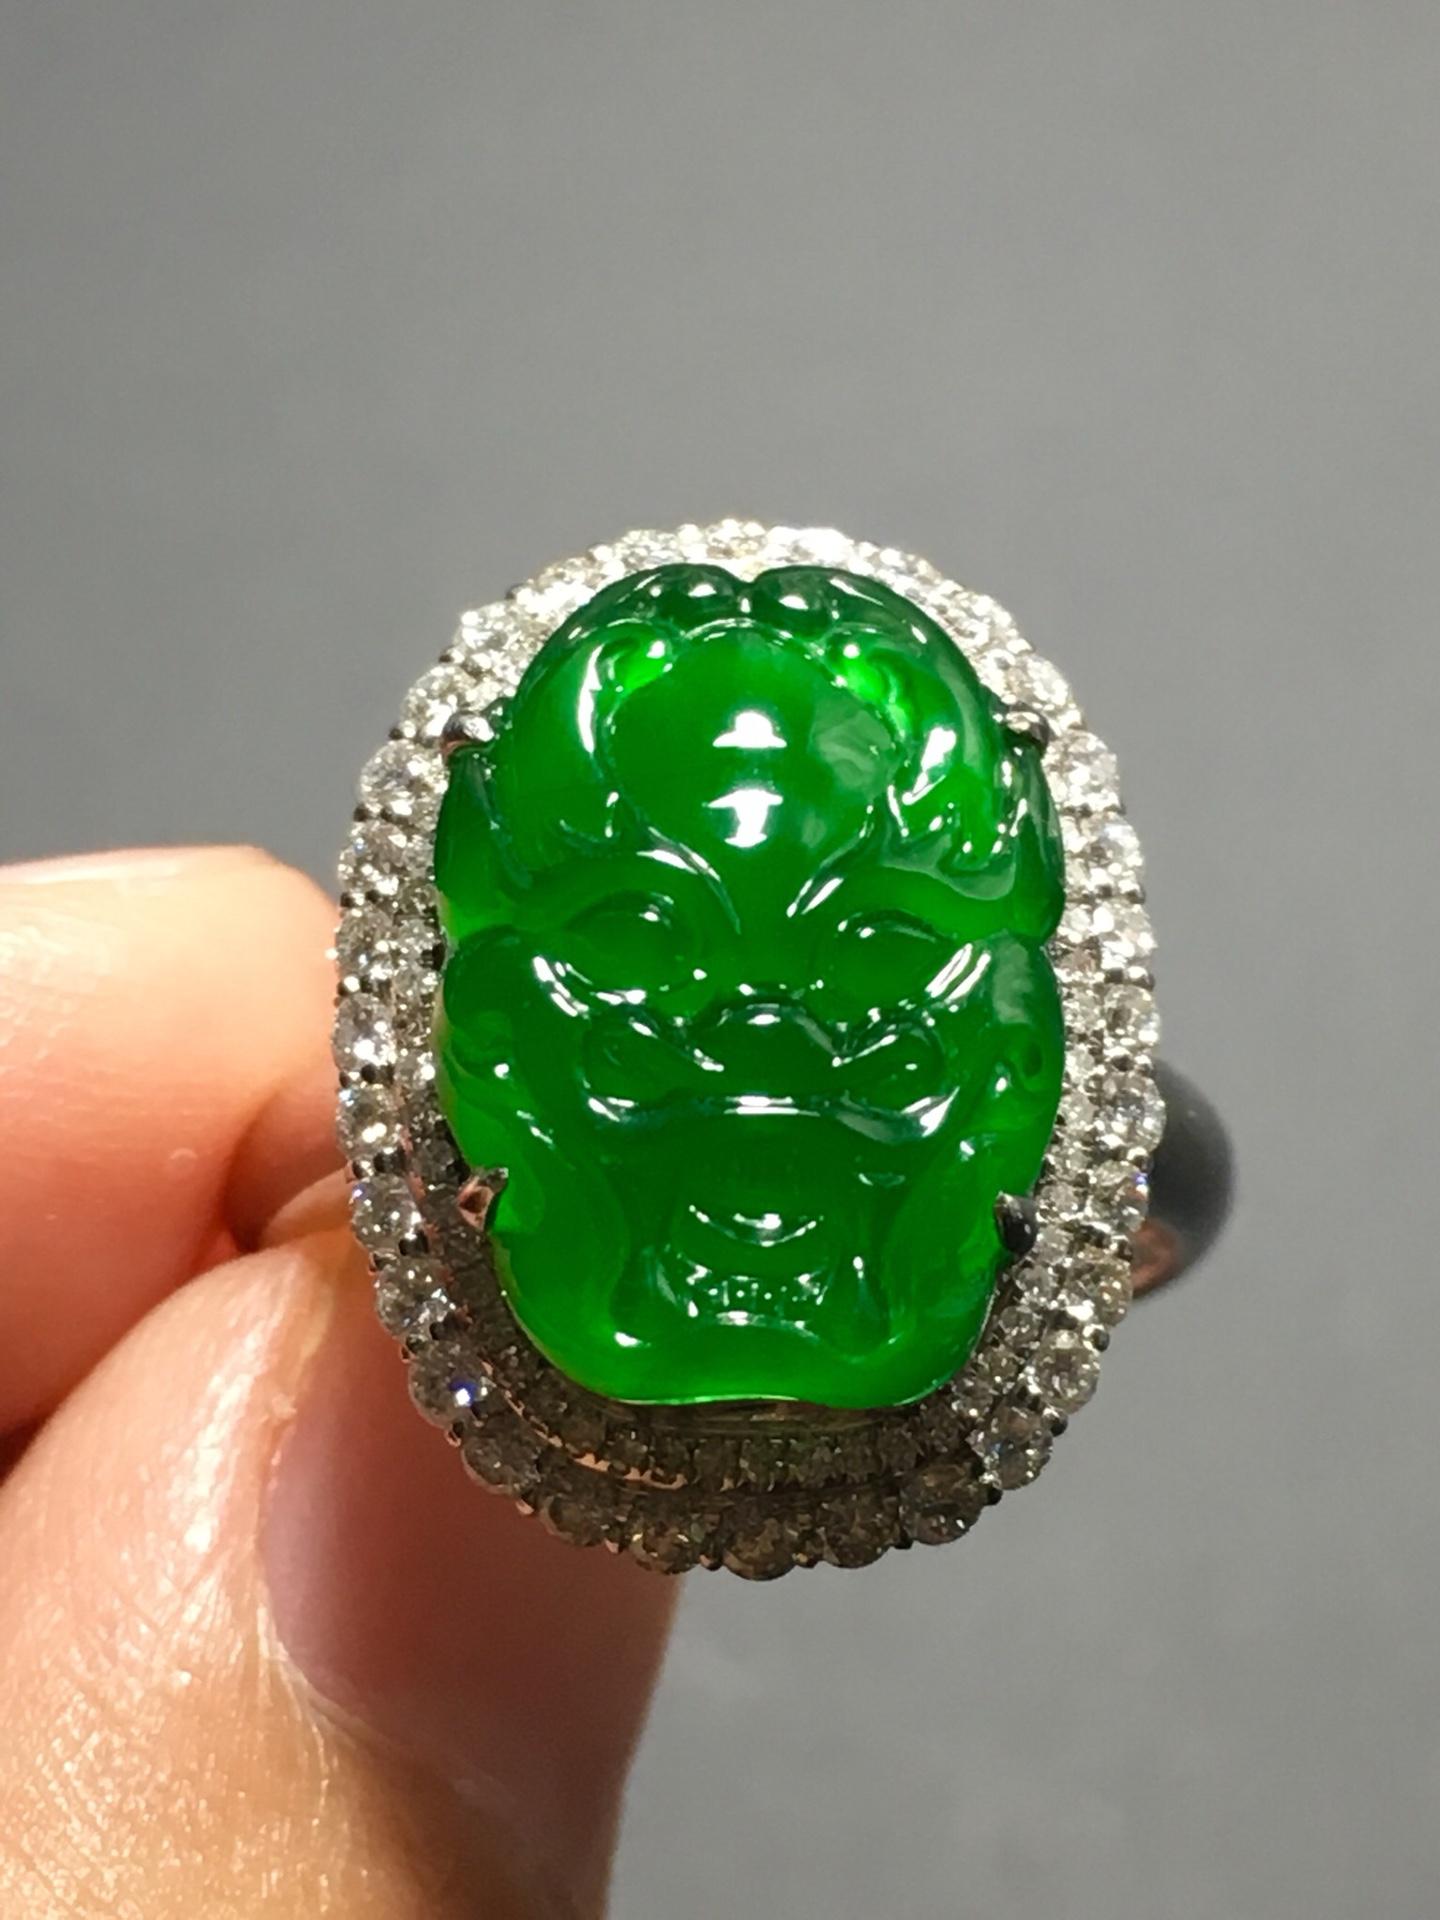 冰种正阳绿龙头戒指,霸气十足第2张